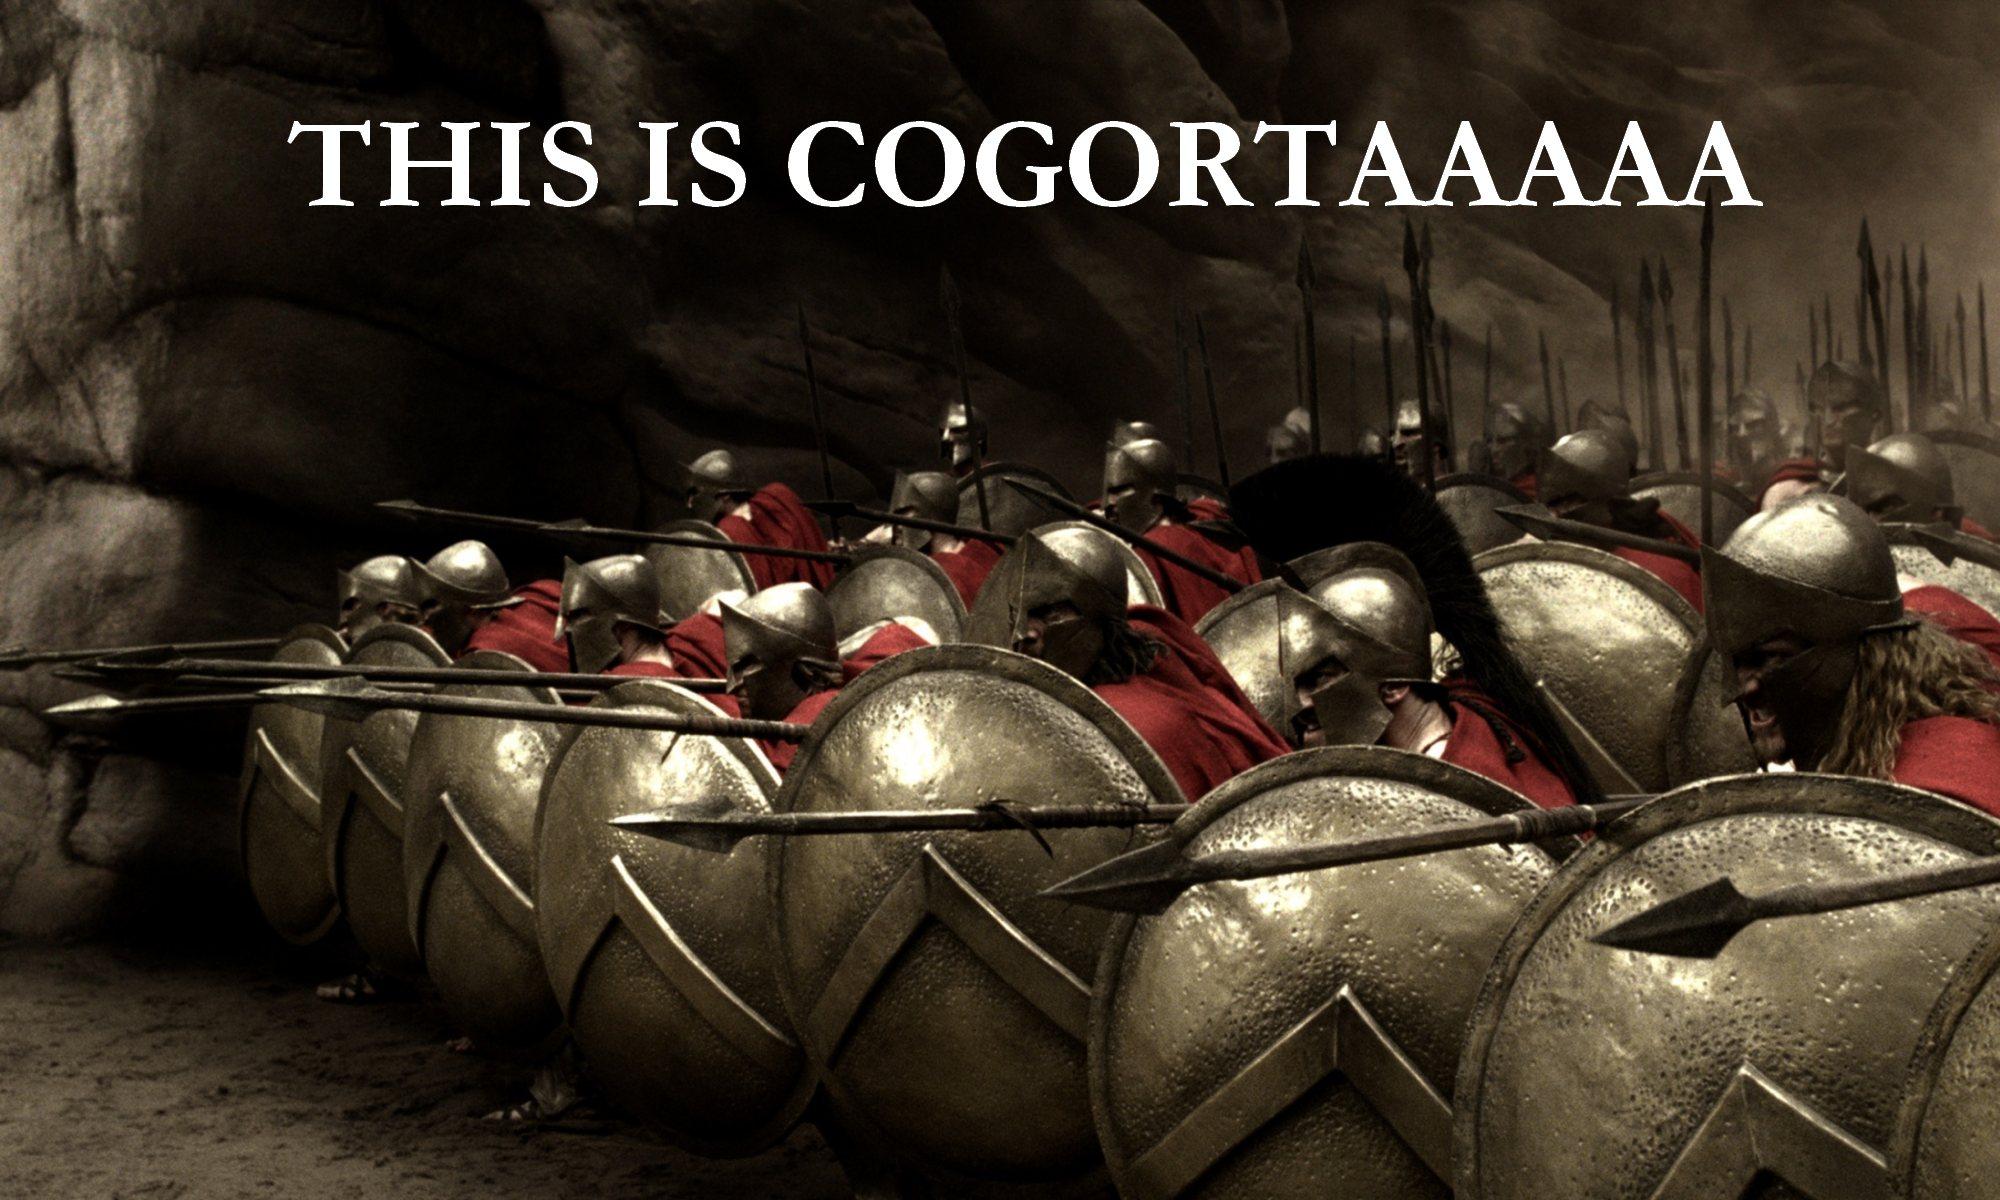 This is cogortaaa!